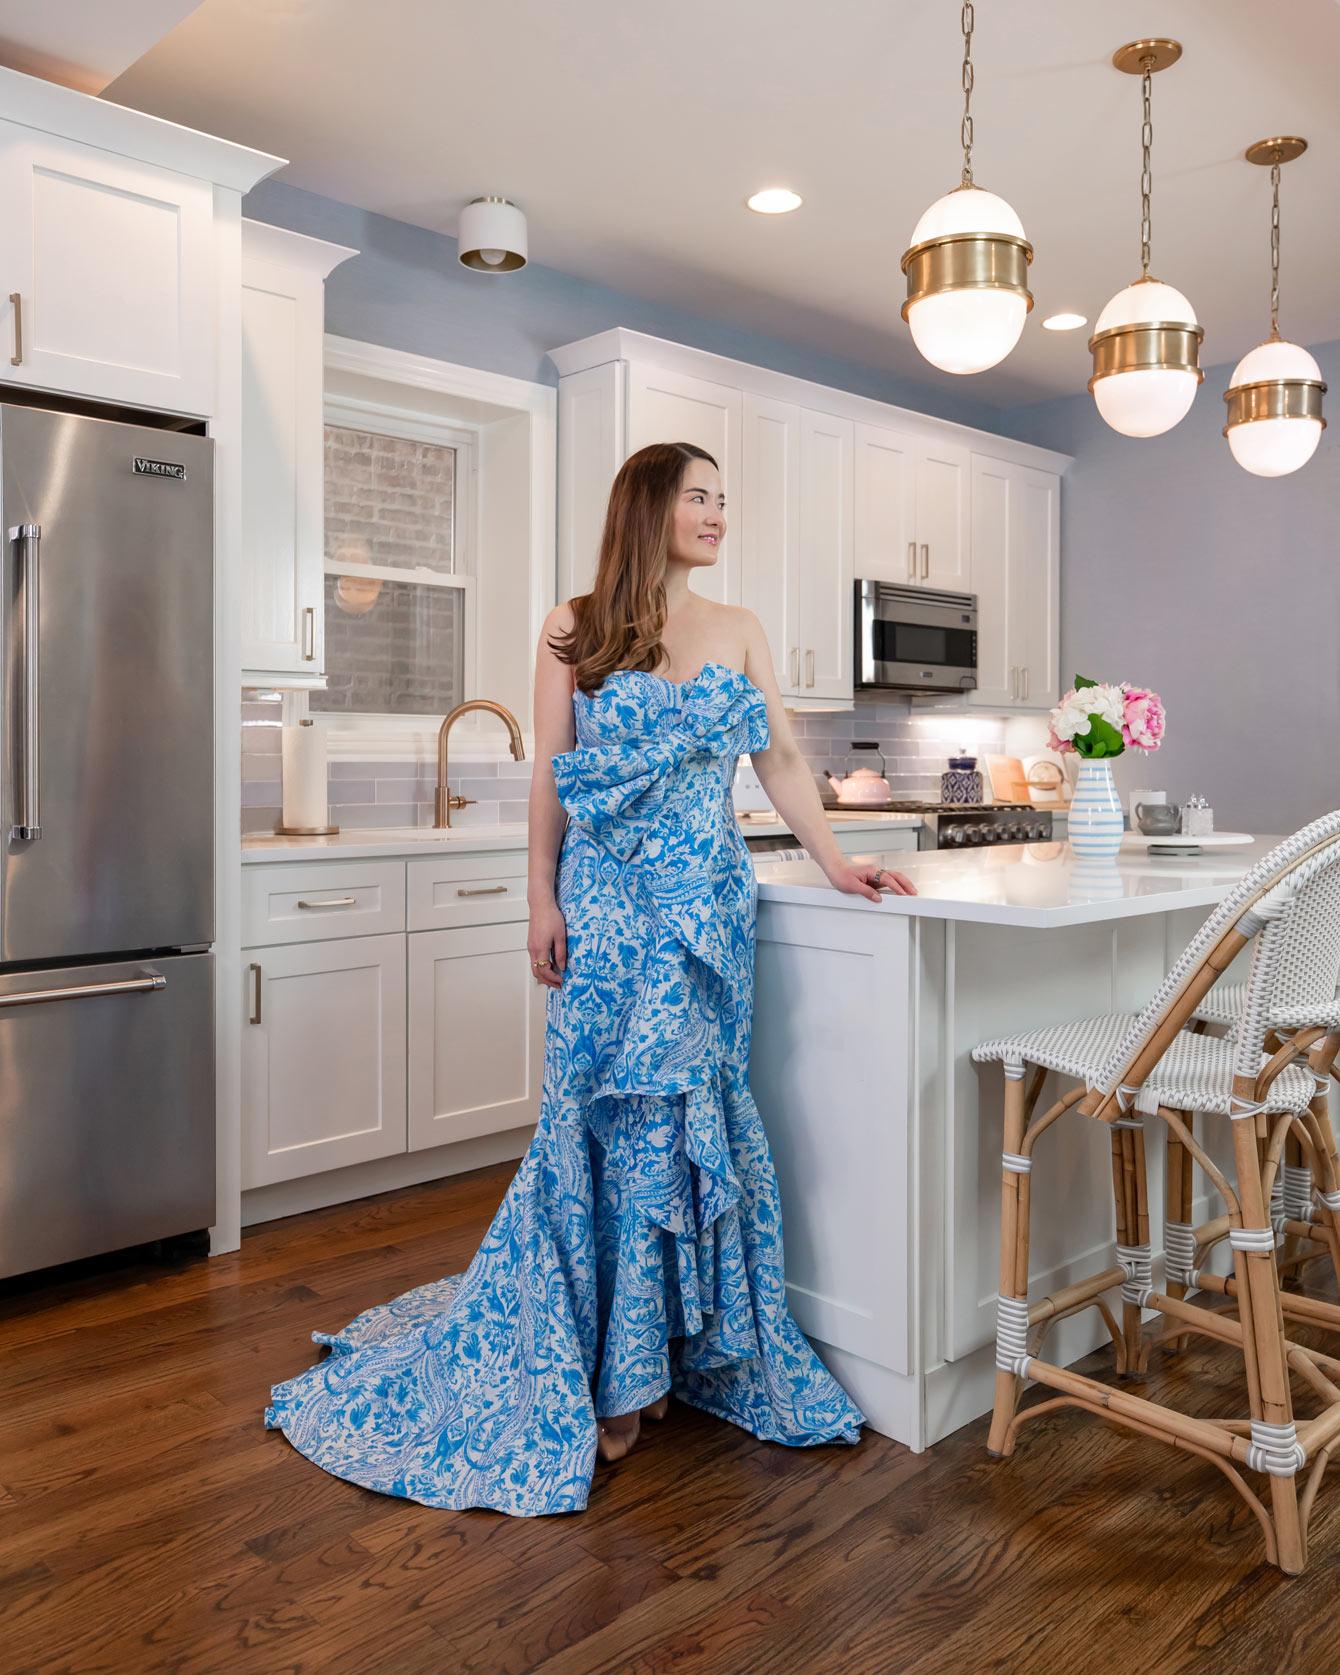 Jennifer Lake Kitchen Update